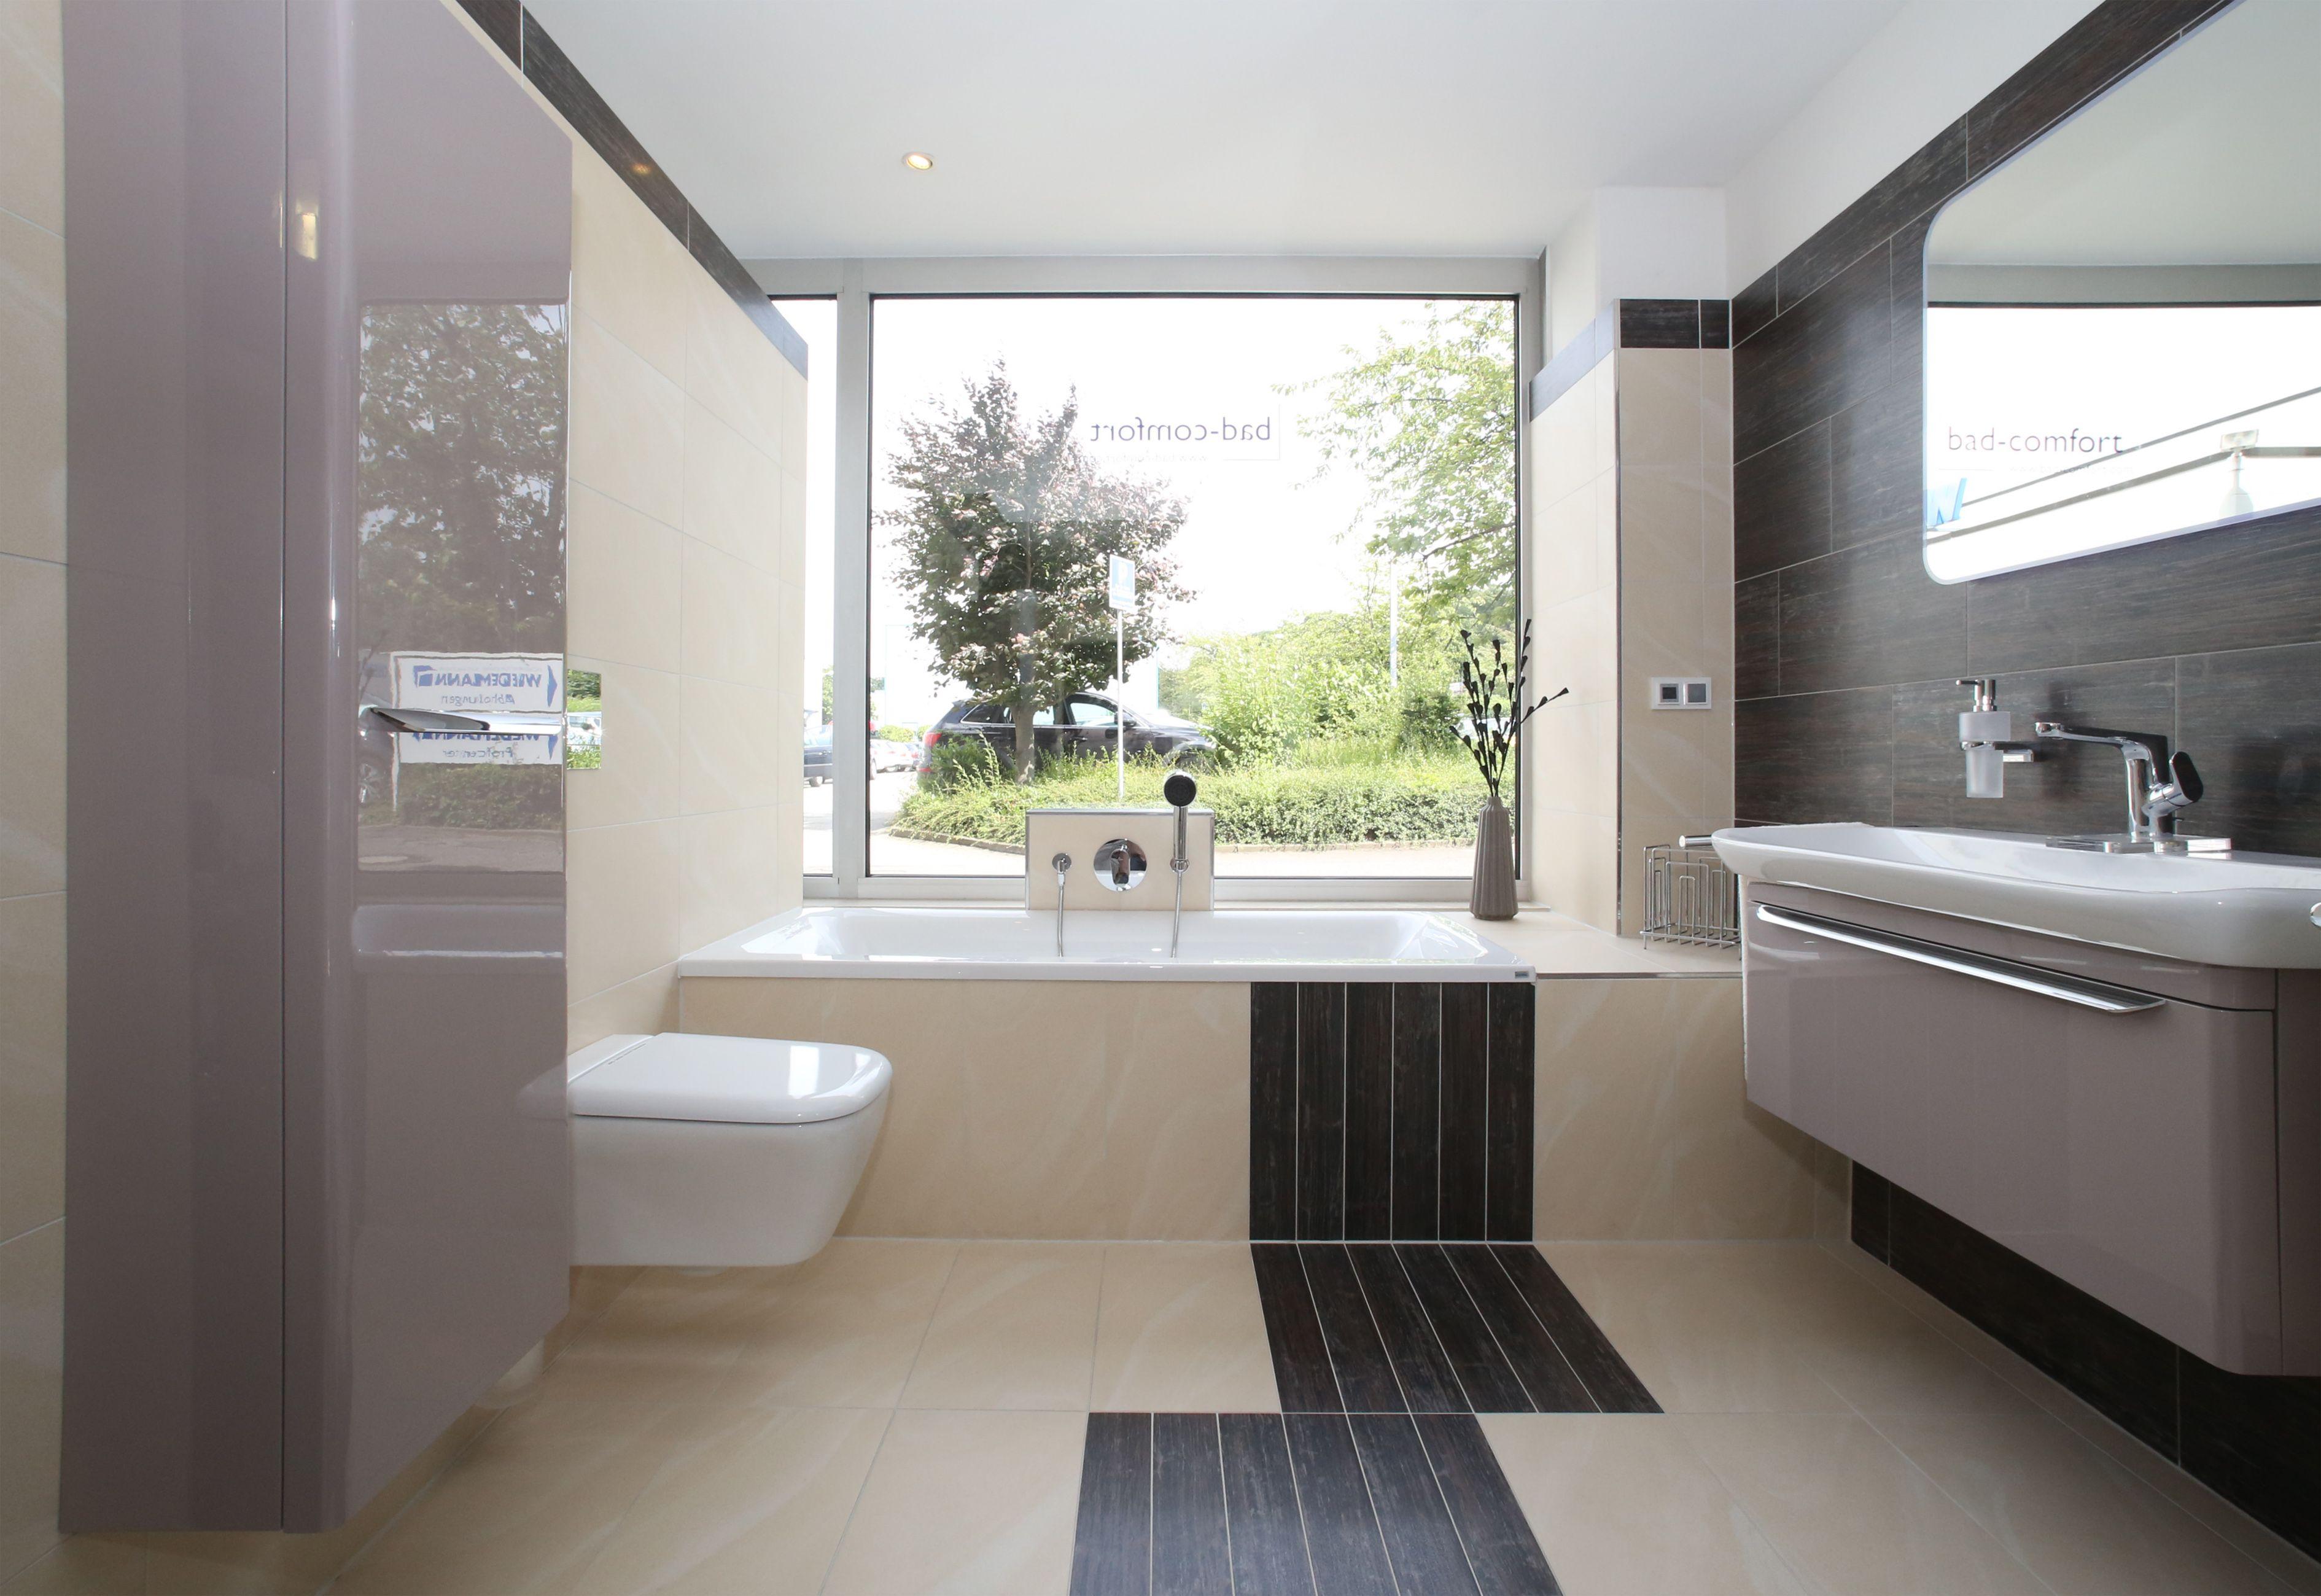 Farbe badezimmer ~ Wohlfühl badezimmer live und in farbe in unserer bad comfort